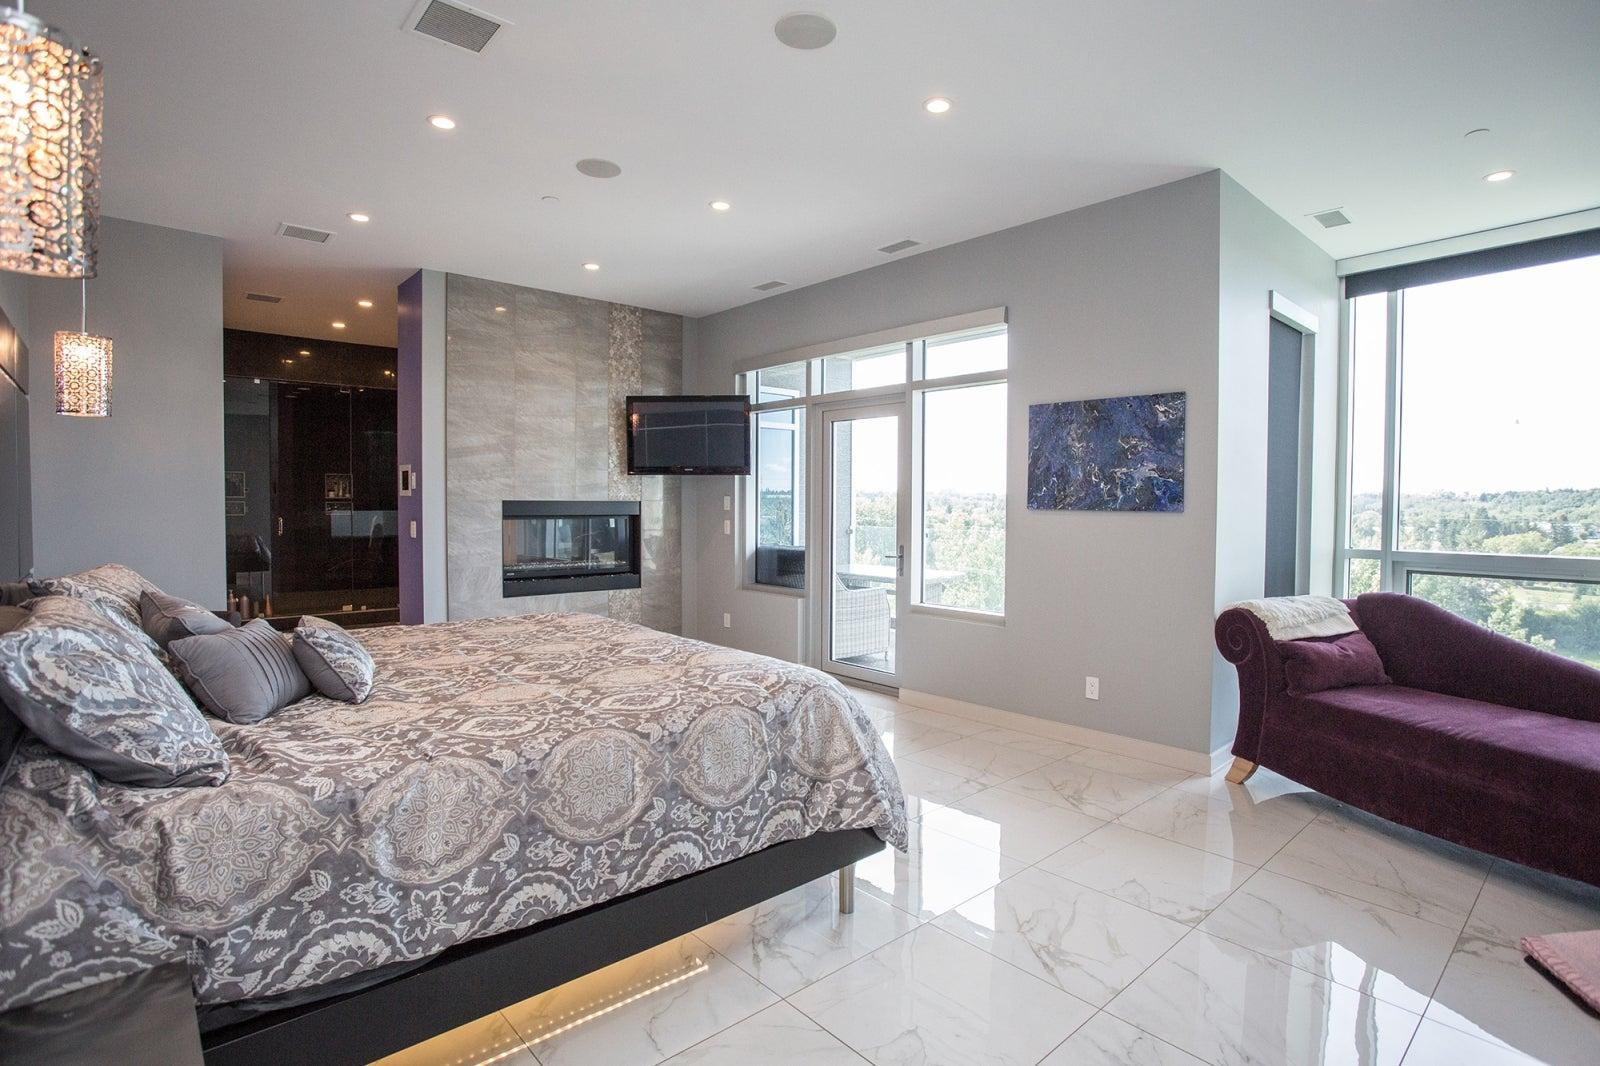 503-5002 55 Street, Red Deer, AB  T4N 7A4 - red_deer APTU for sale, 2 Bedrooms  #10